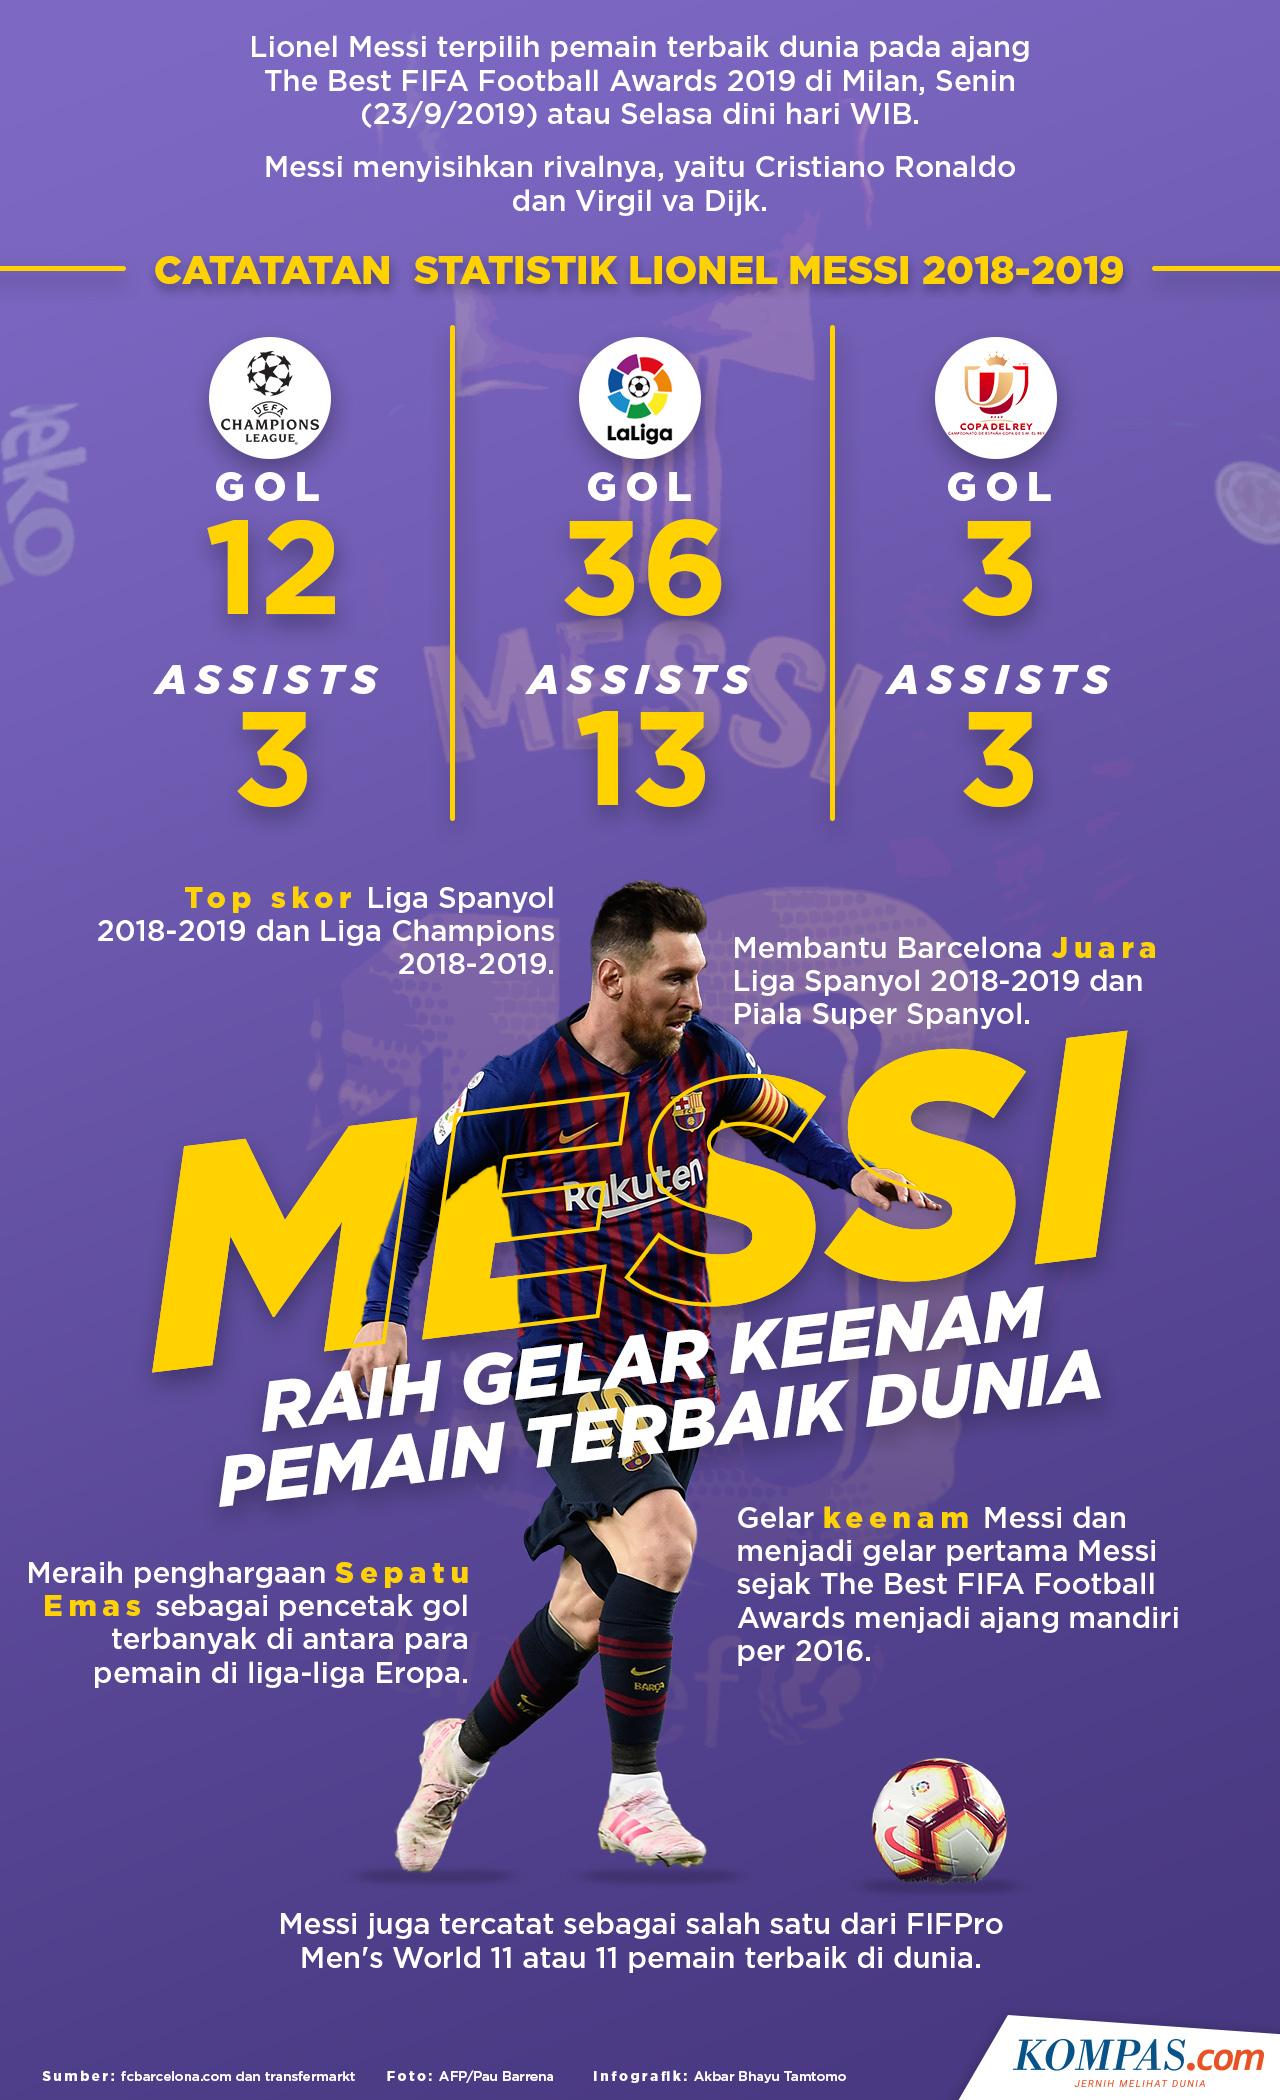 INFOGRAFIK Lionel Messi Pemain Terbaik Dunia 2019